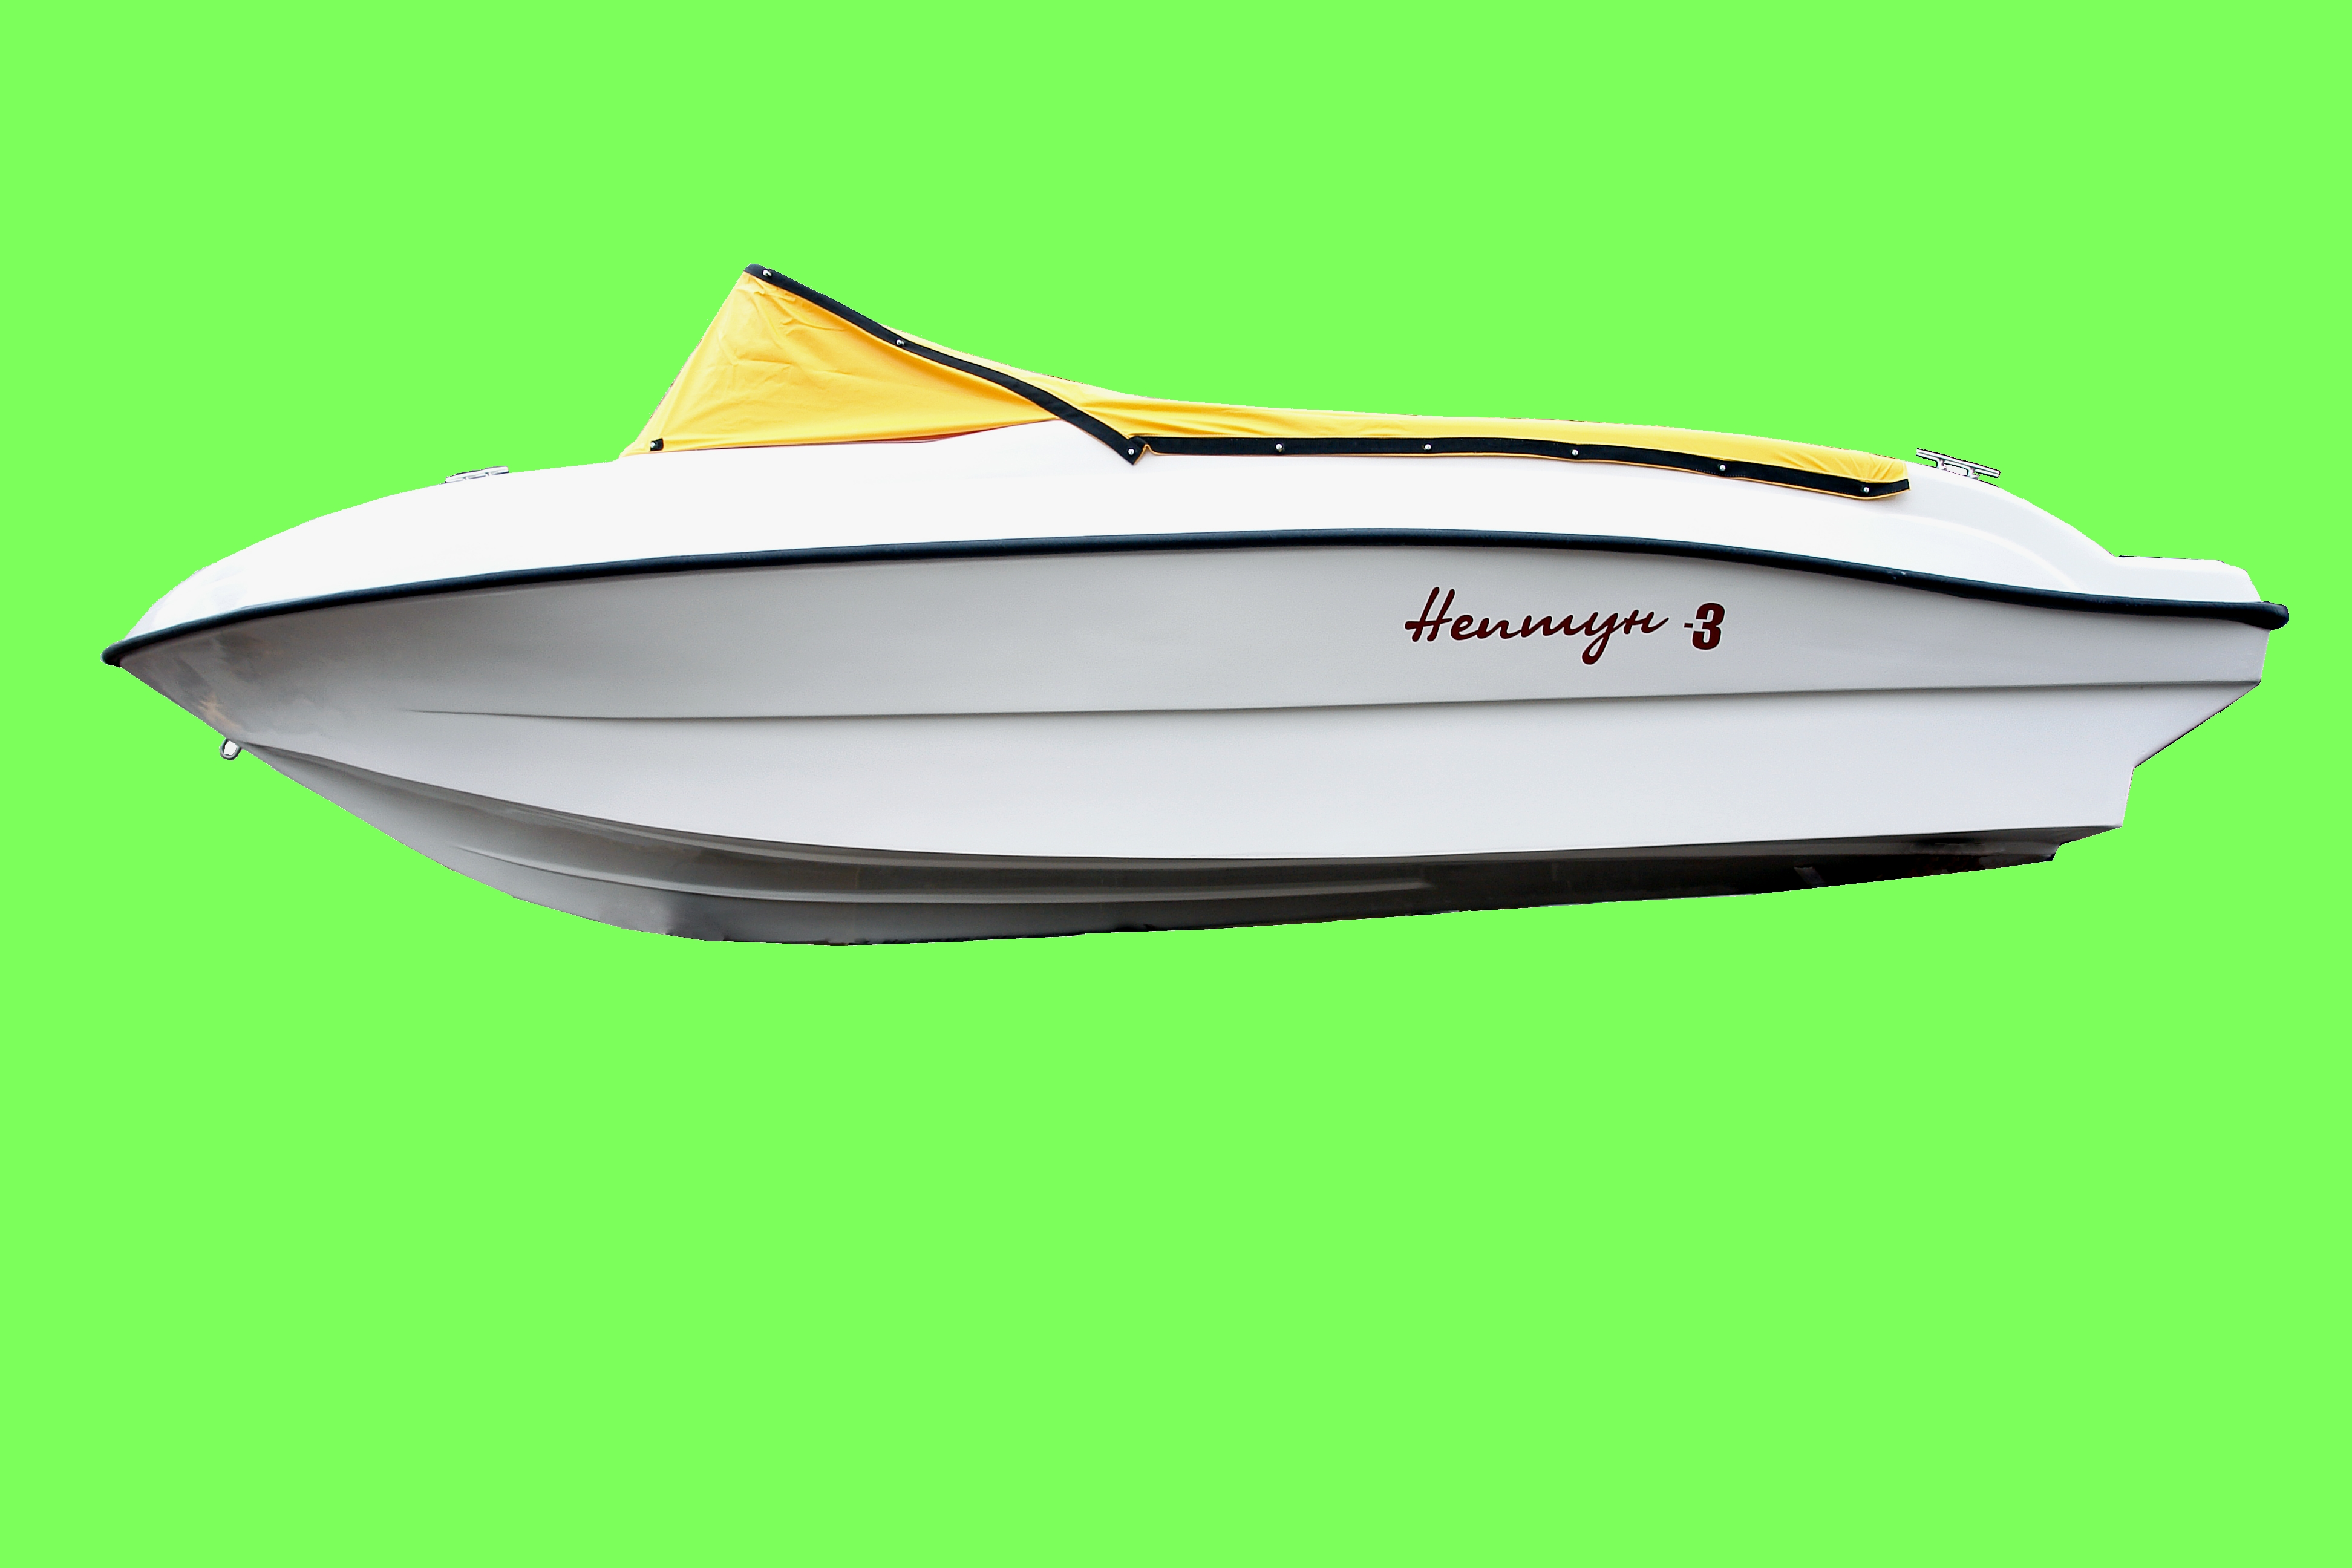 тюнинг лодки нижний новгород